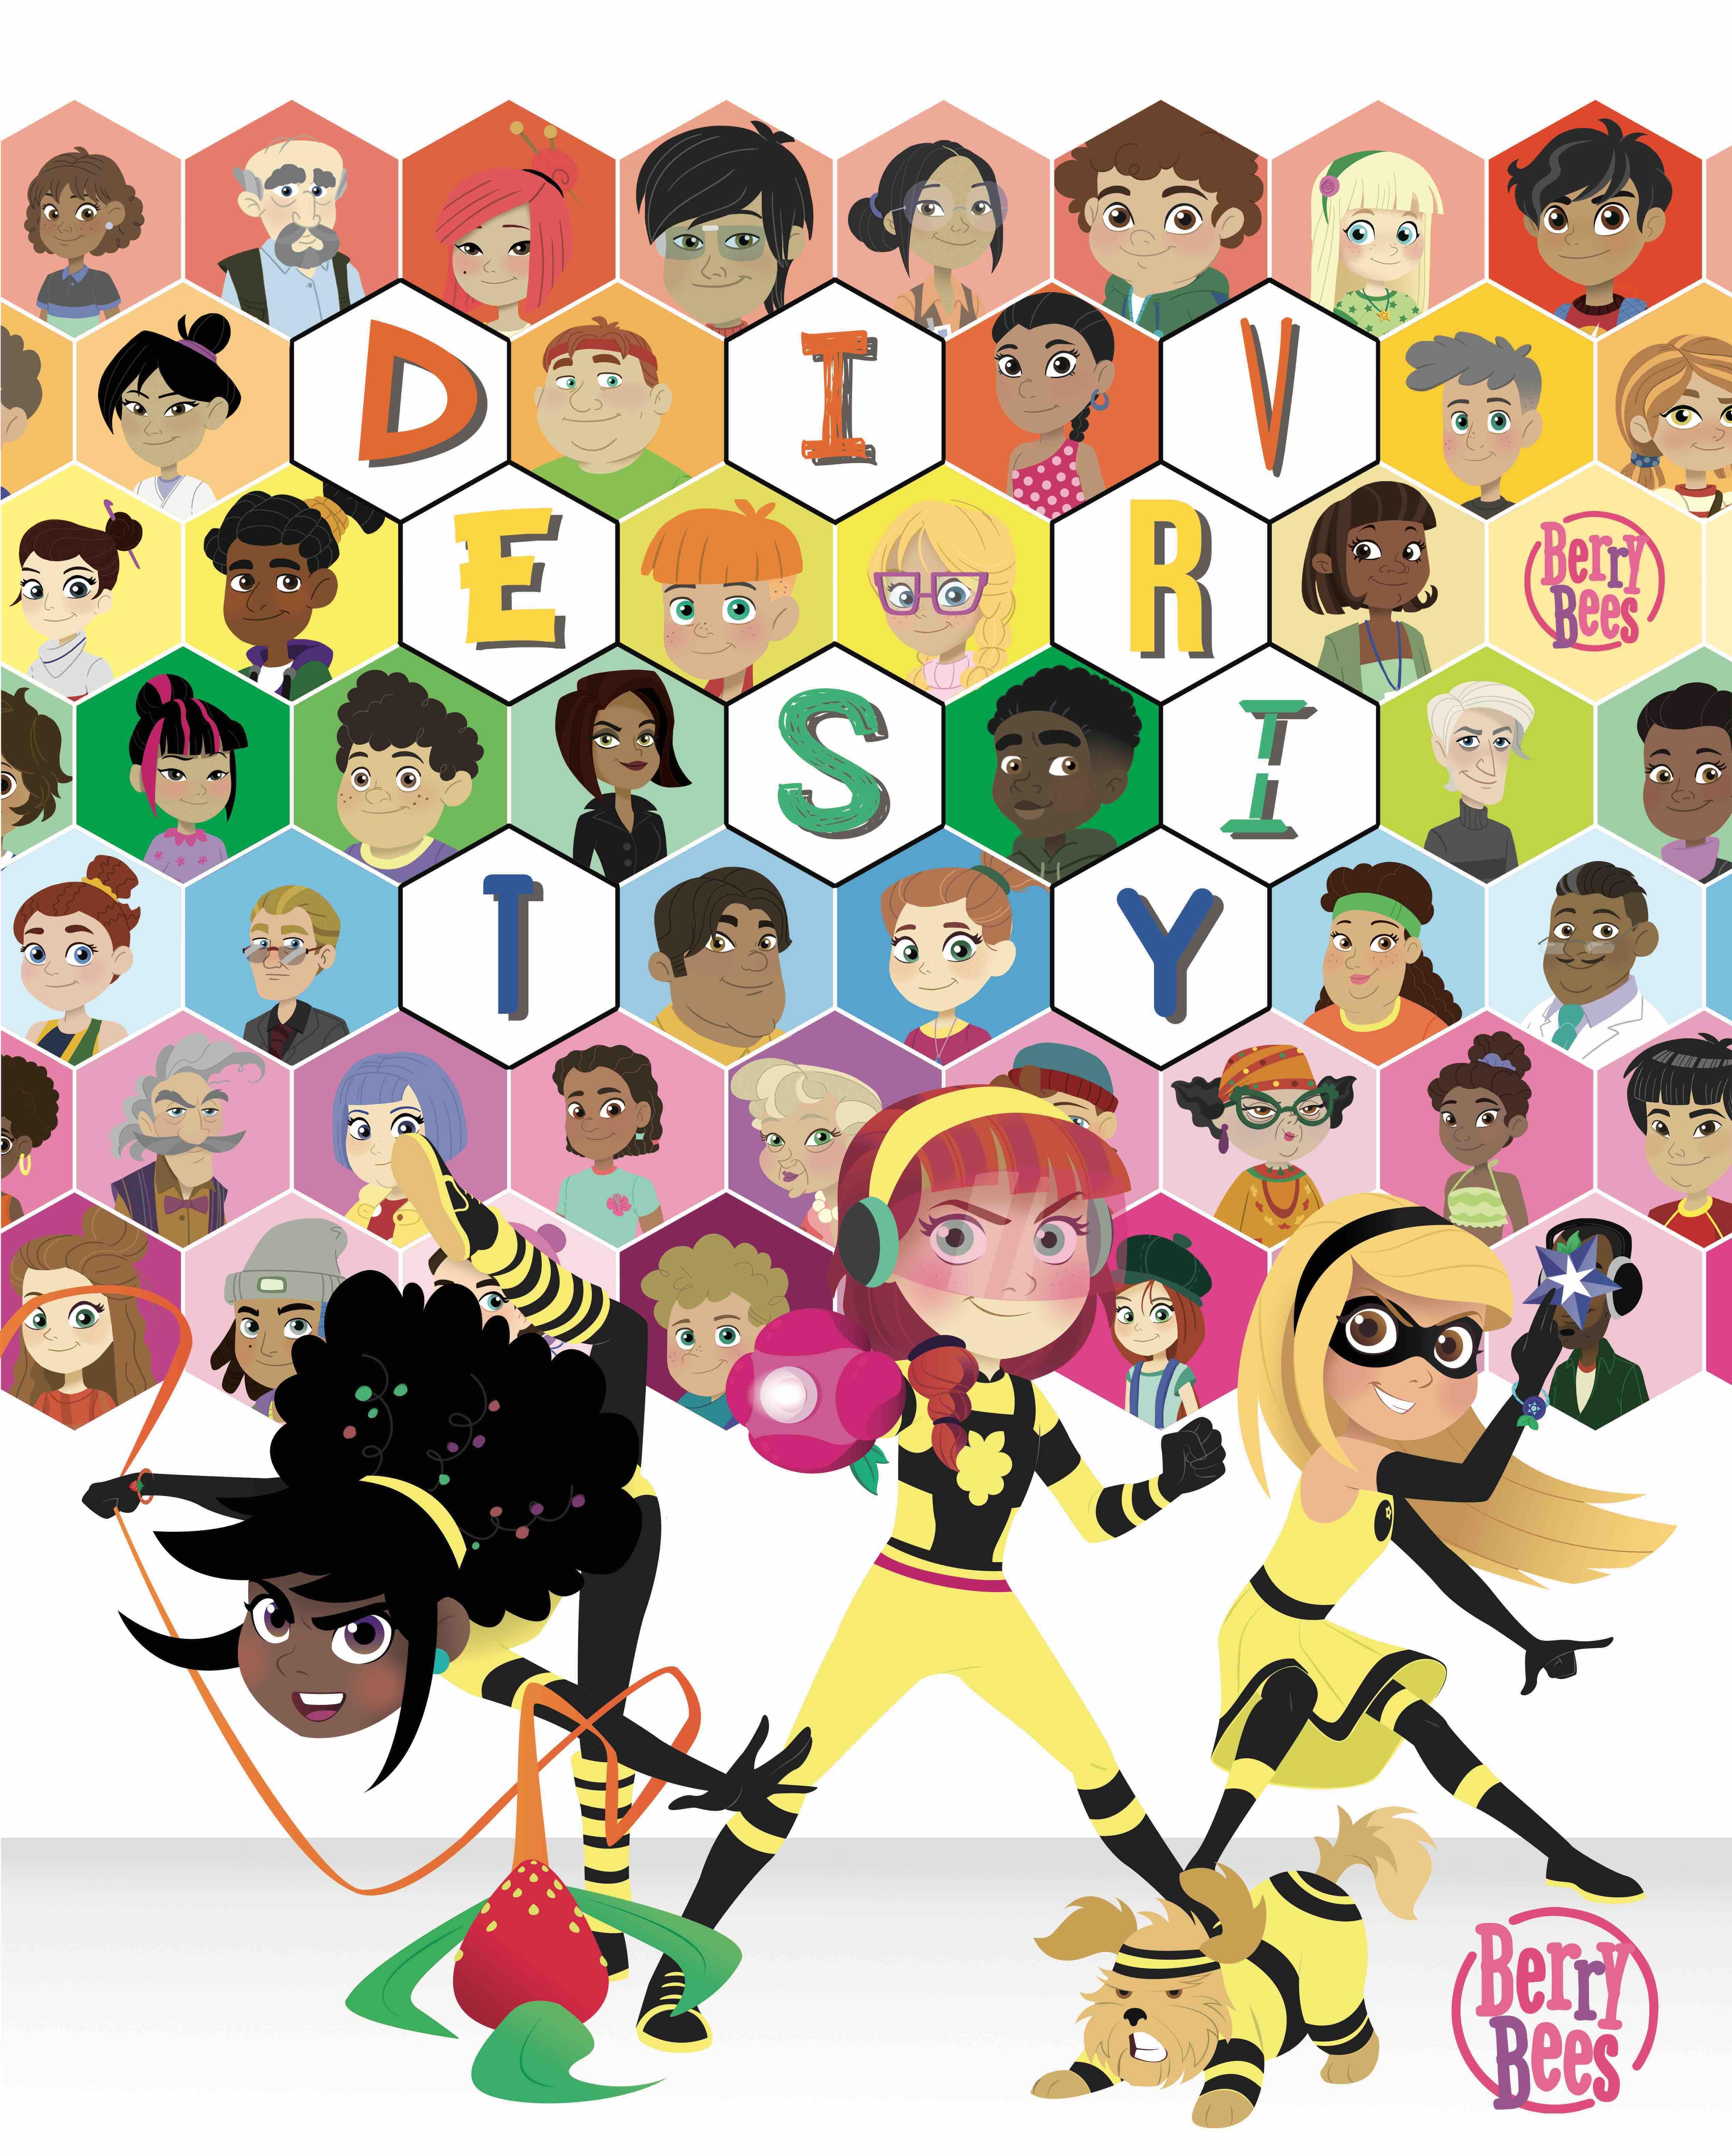 Berry Bees premiata agli Oscar dell'inclusione